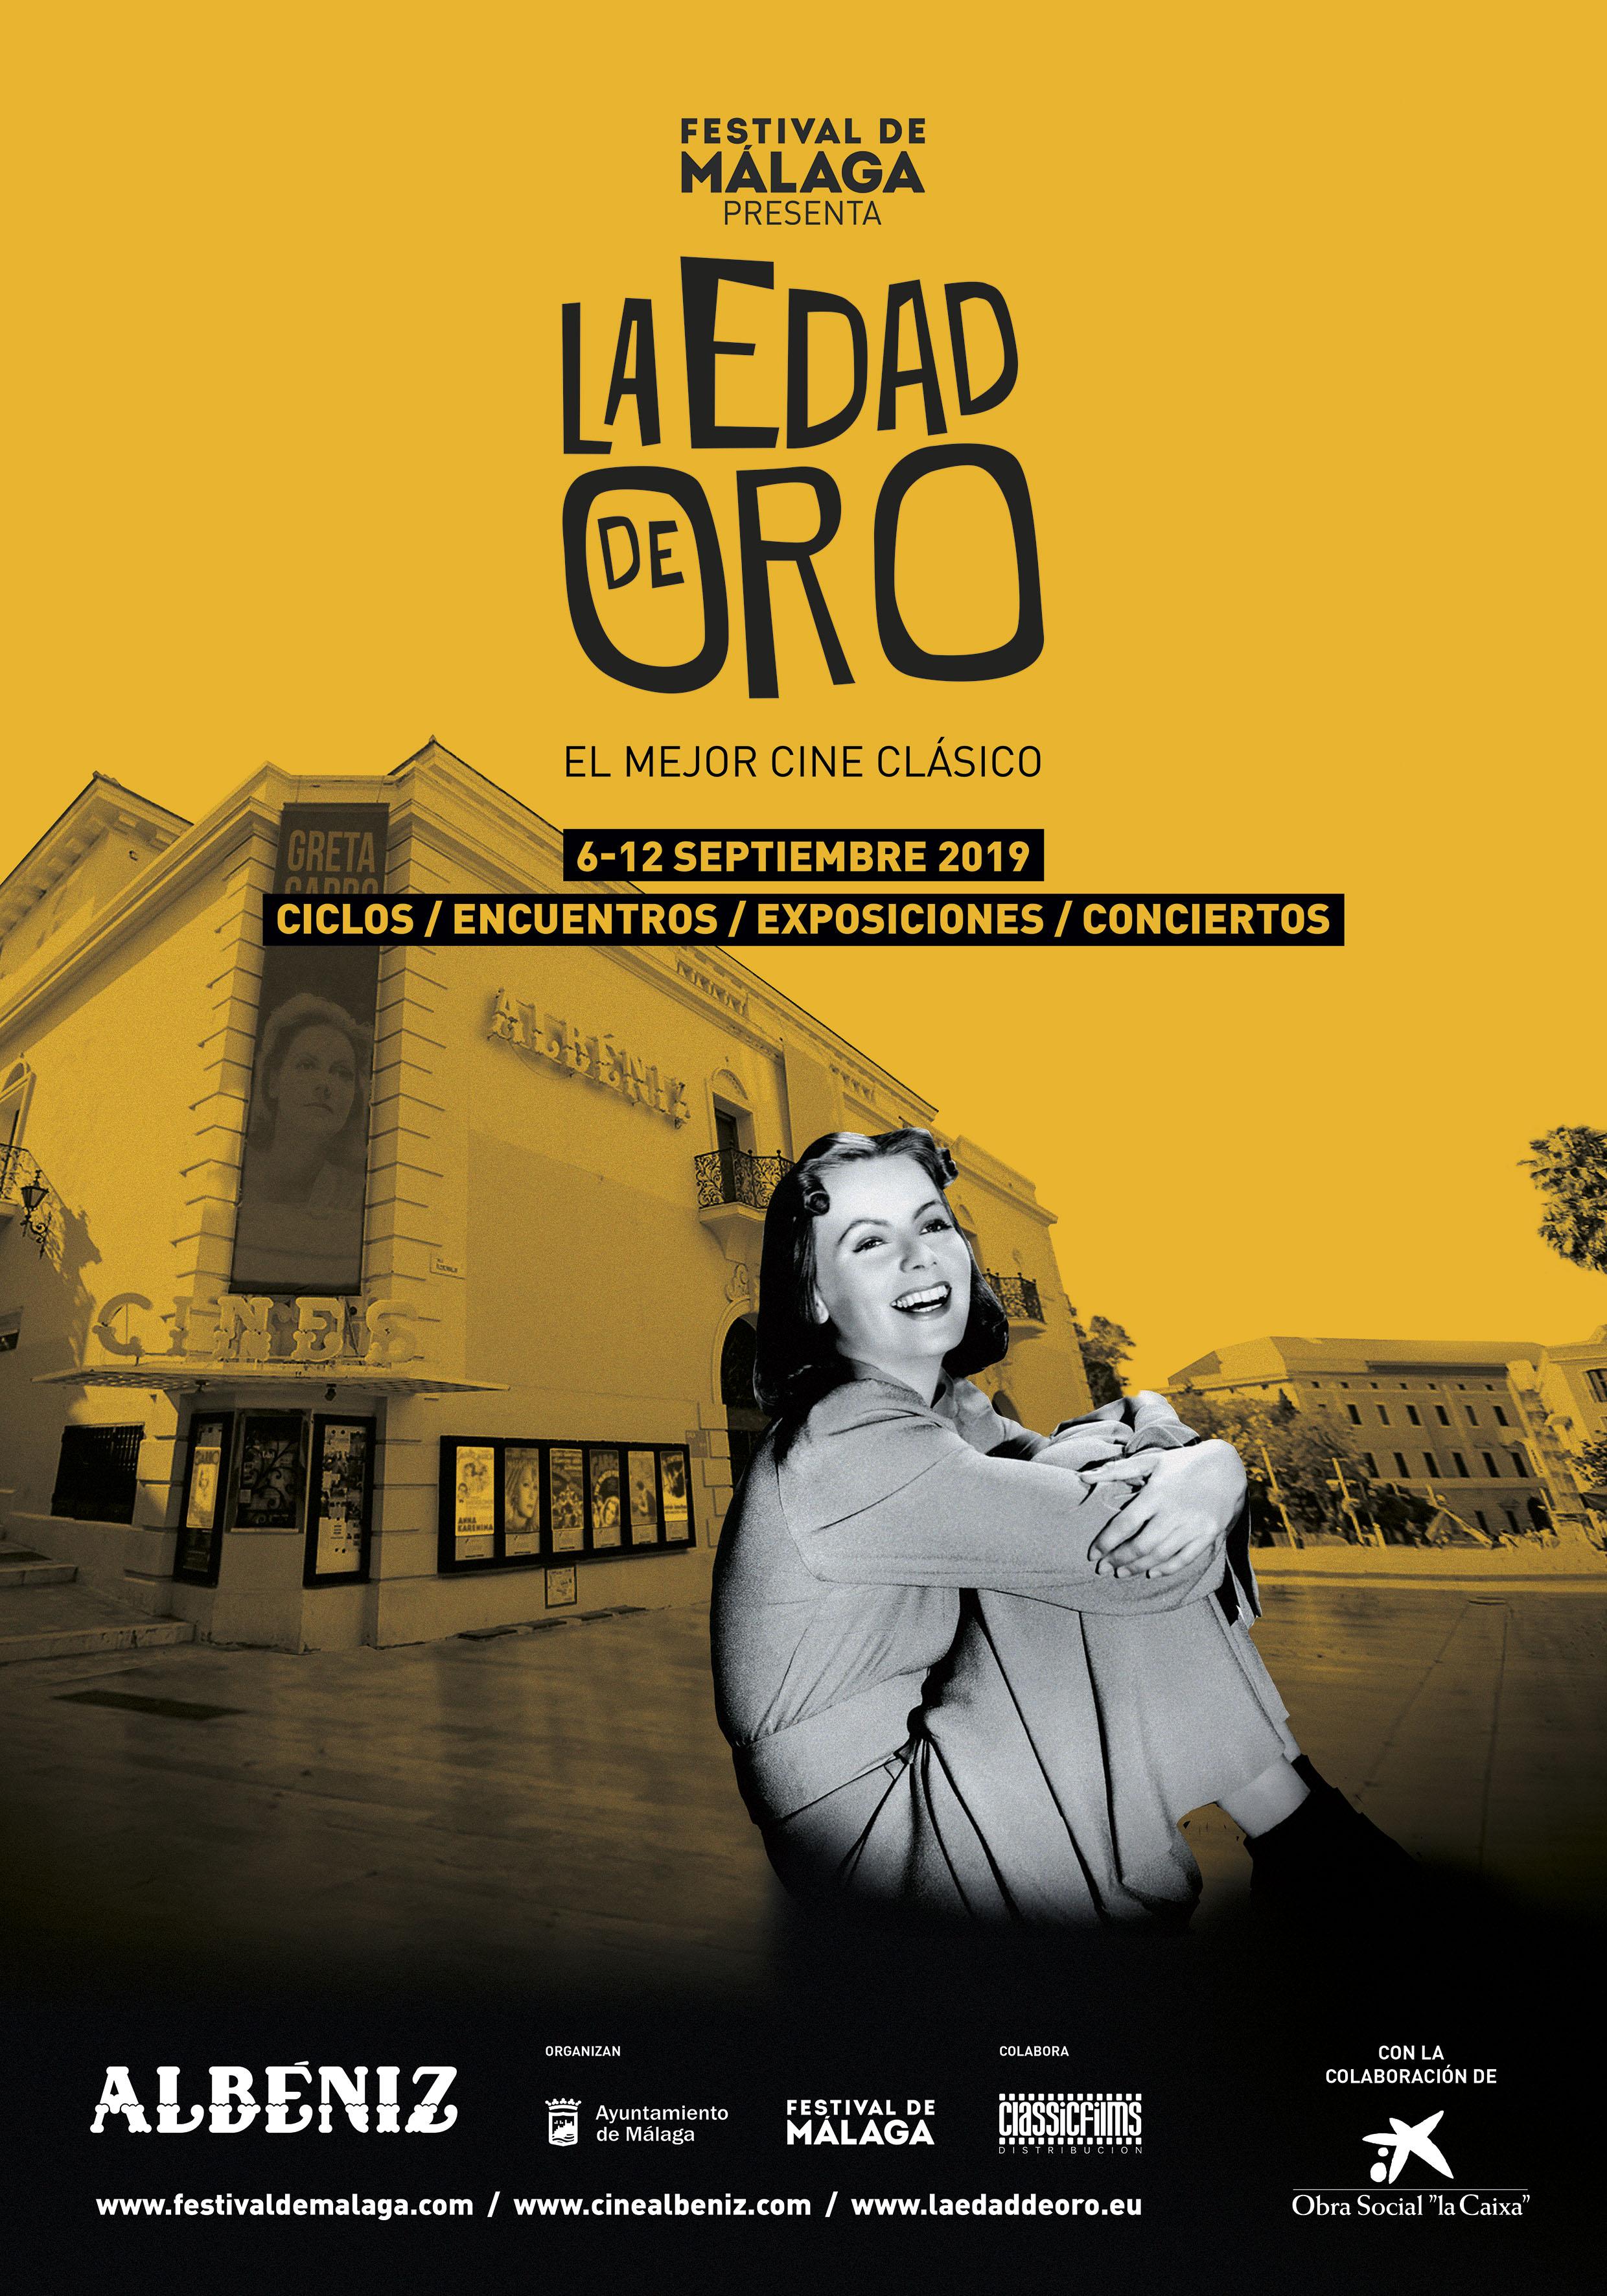 La Edad de Oro - Muestra de cine clásico del Festival de Cine de Málaga